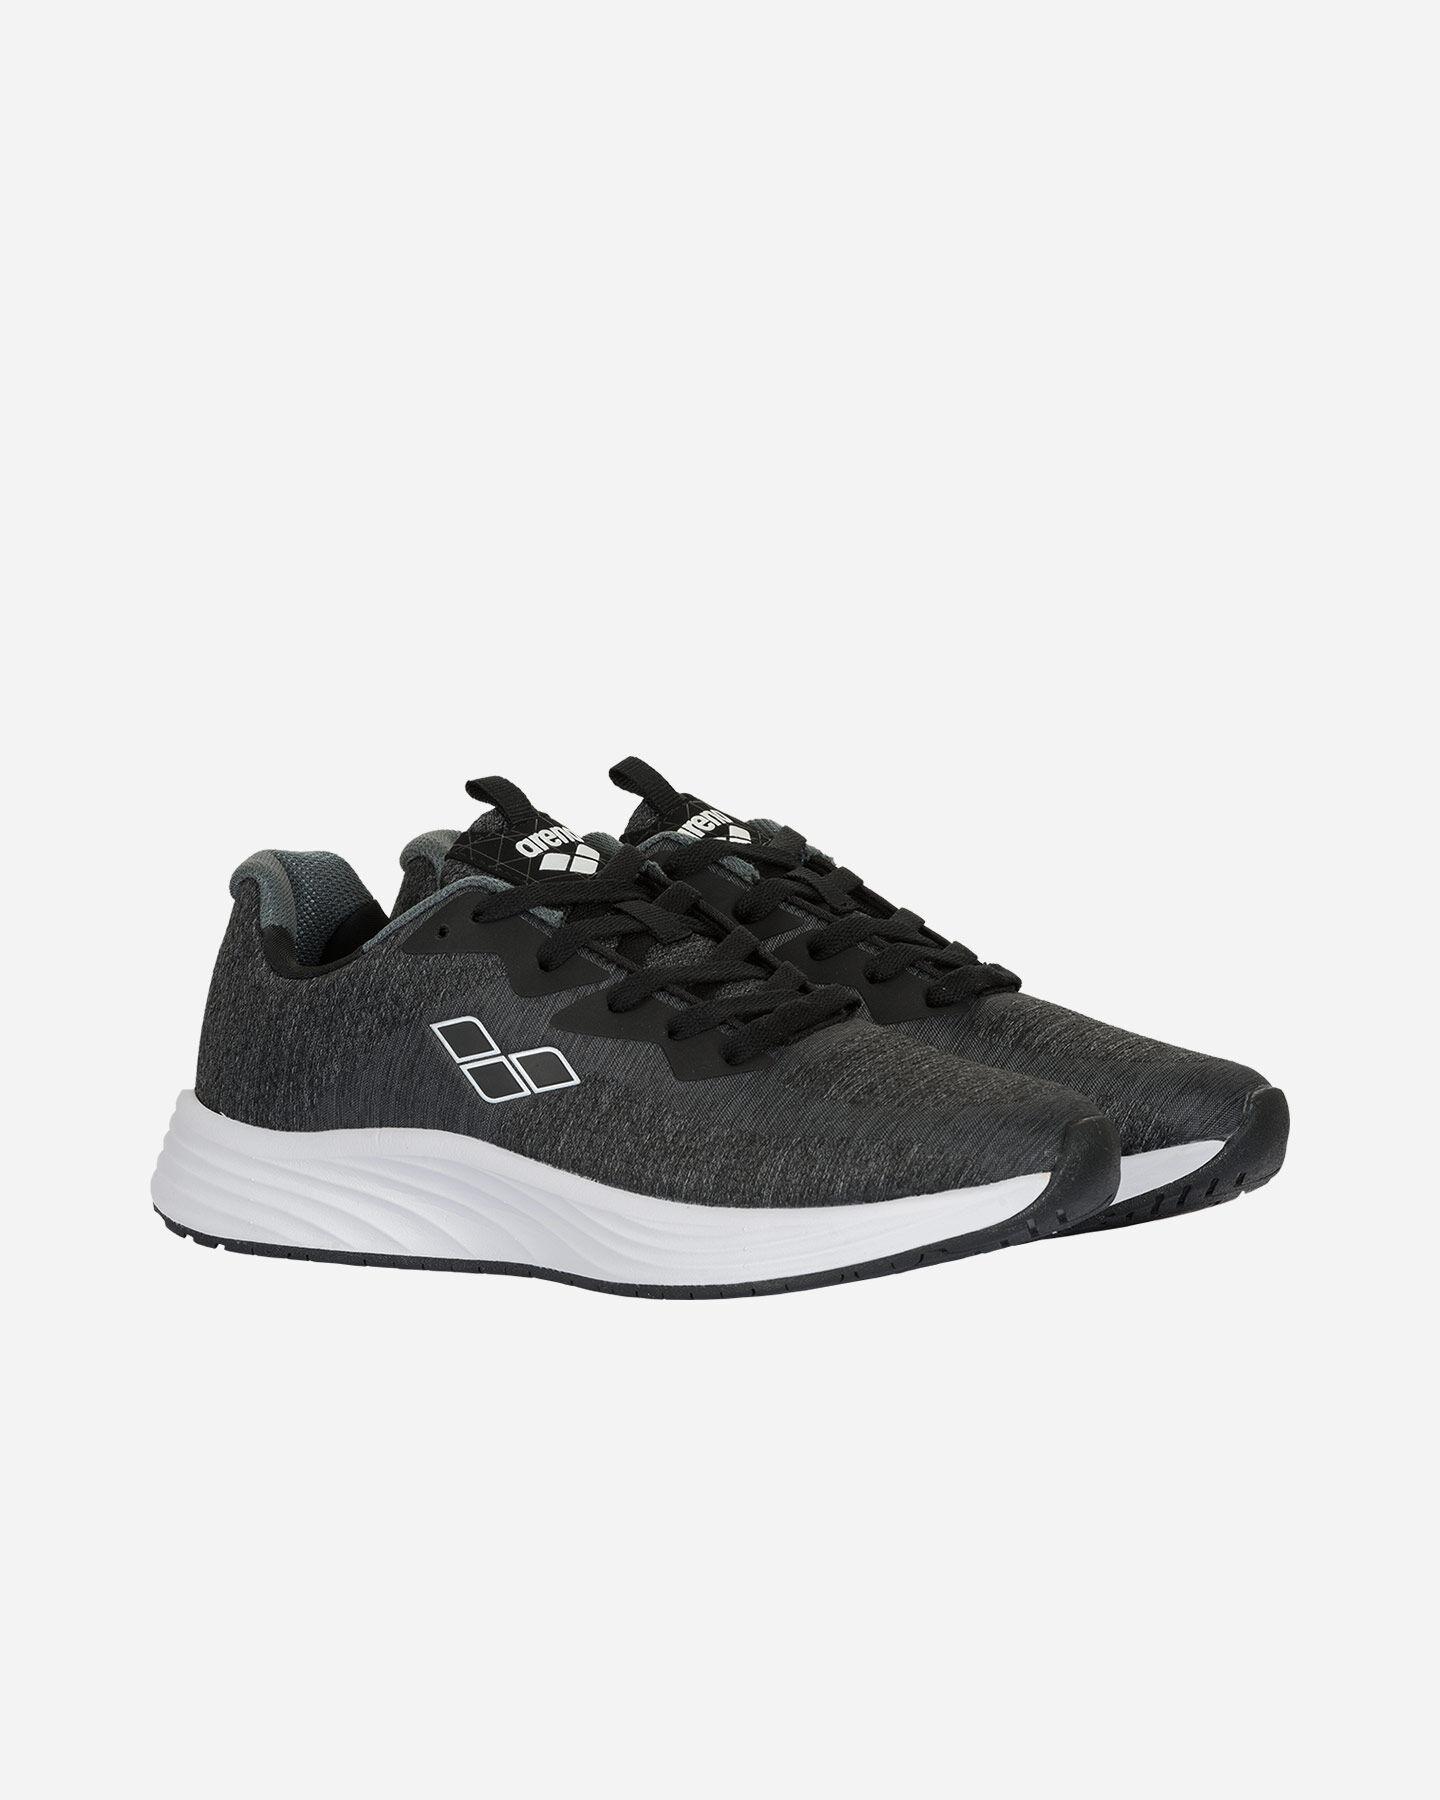 Scarpe sneakers ARENA FASTRACK FLYKNIT M S4083856 02 43 scatto 1